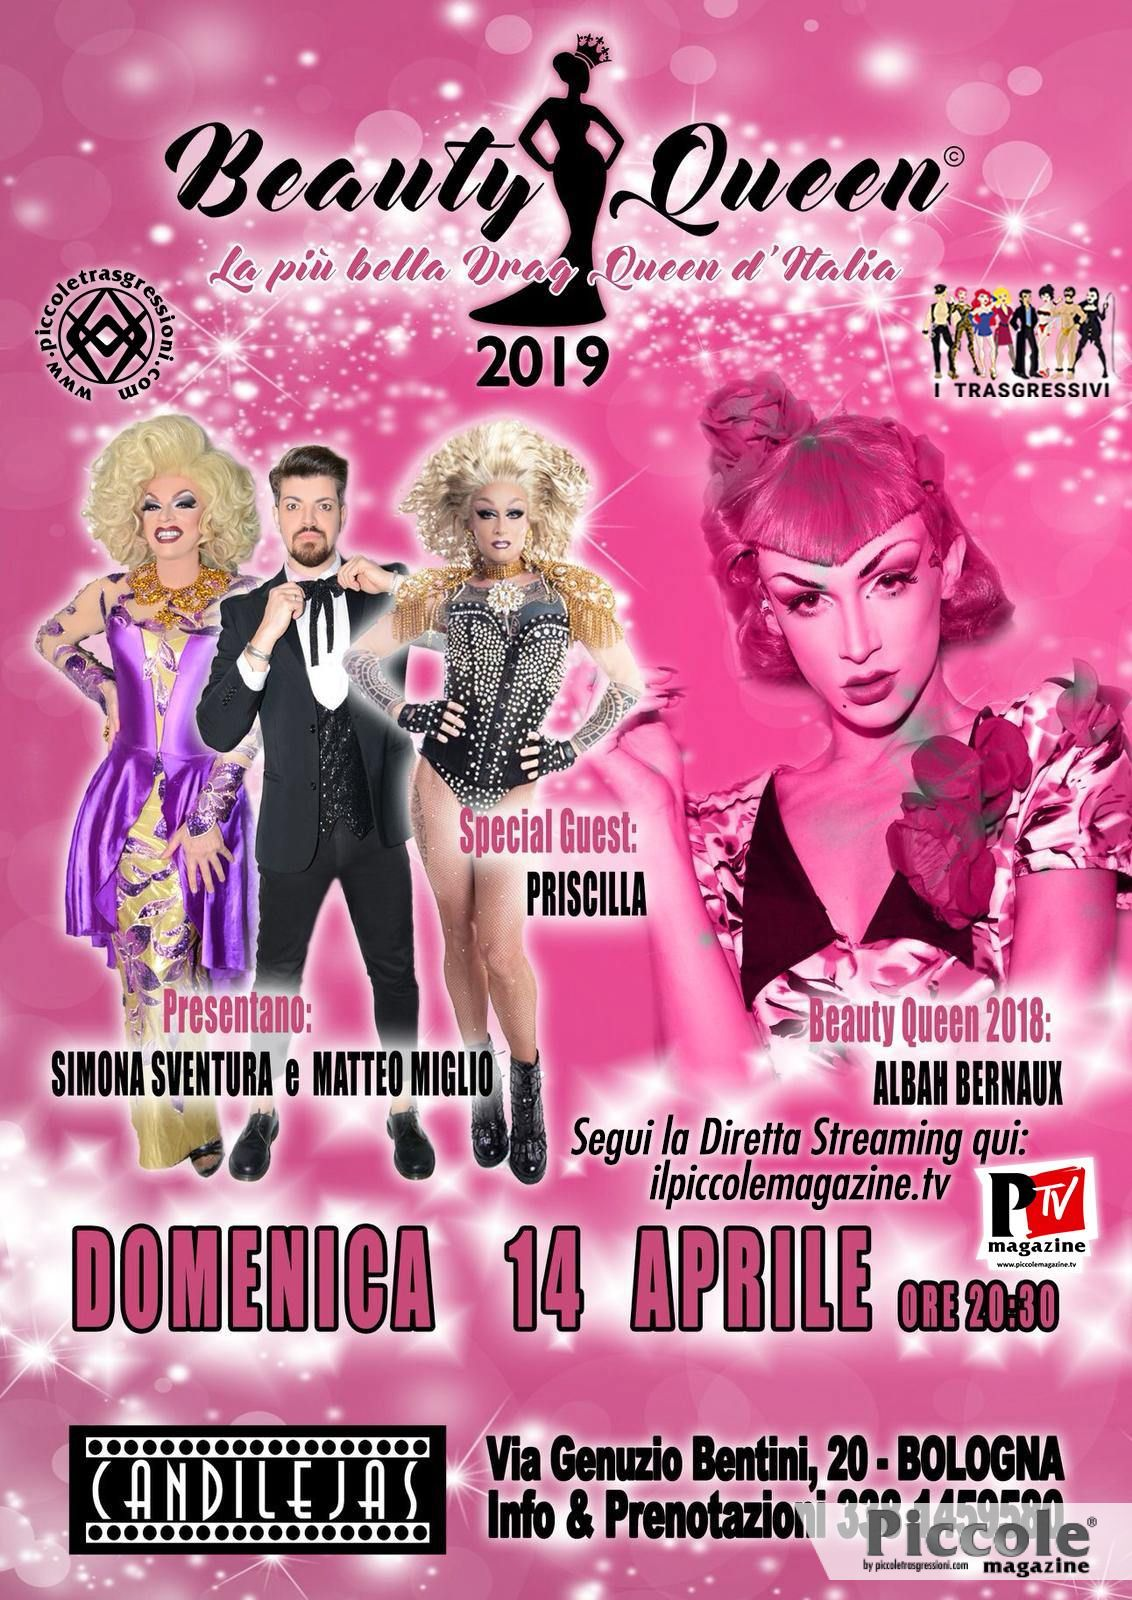 Simona Sventura presenta la finale di Beauty Queen 2019!